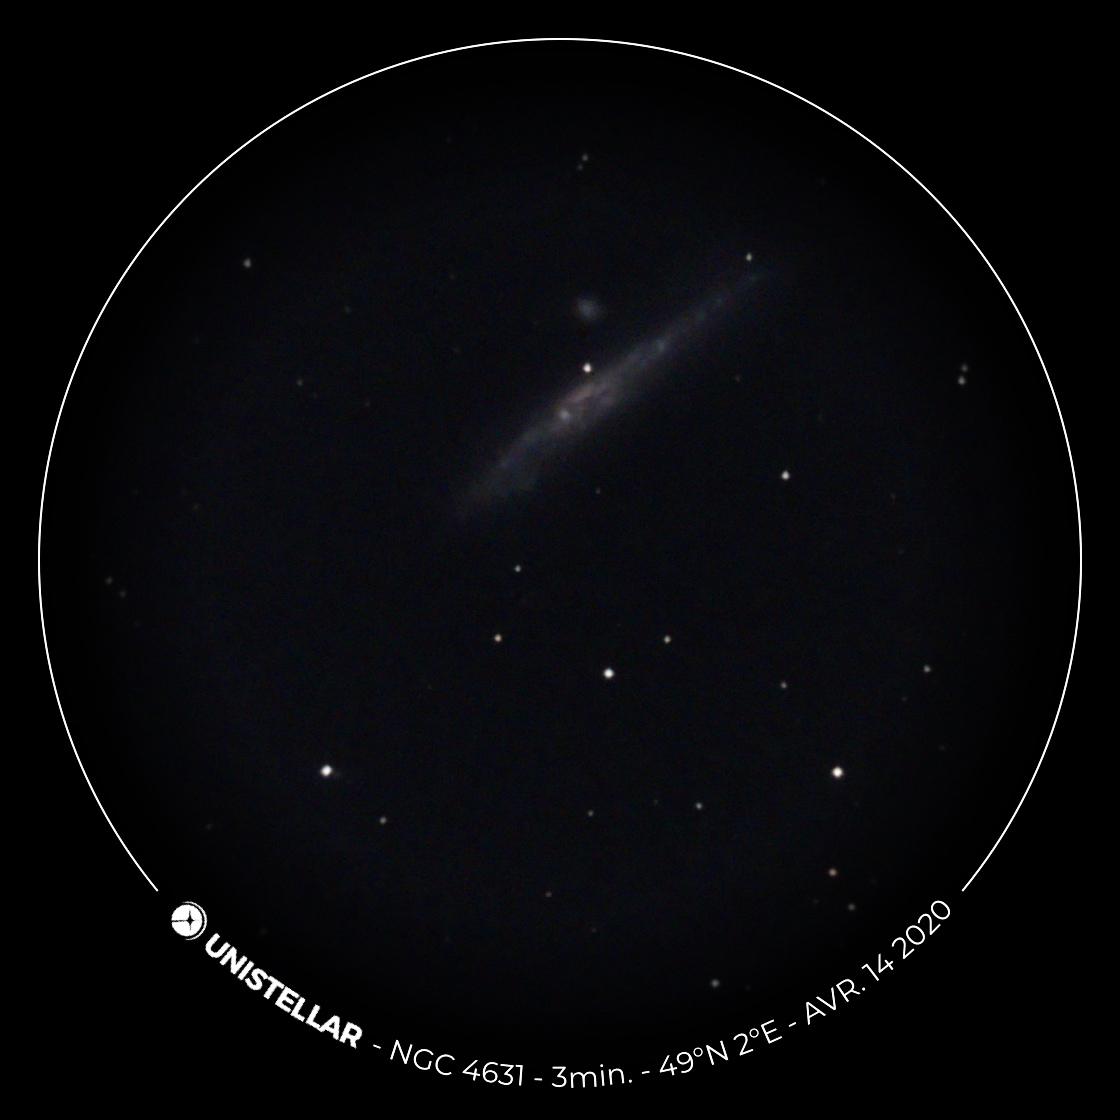 NGC4631-20200414-211737.jpeg